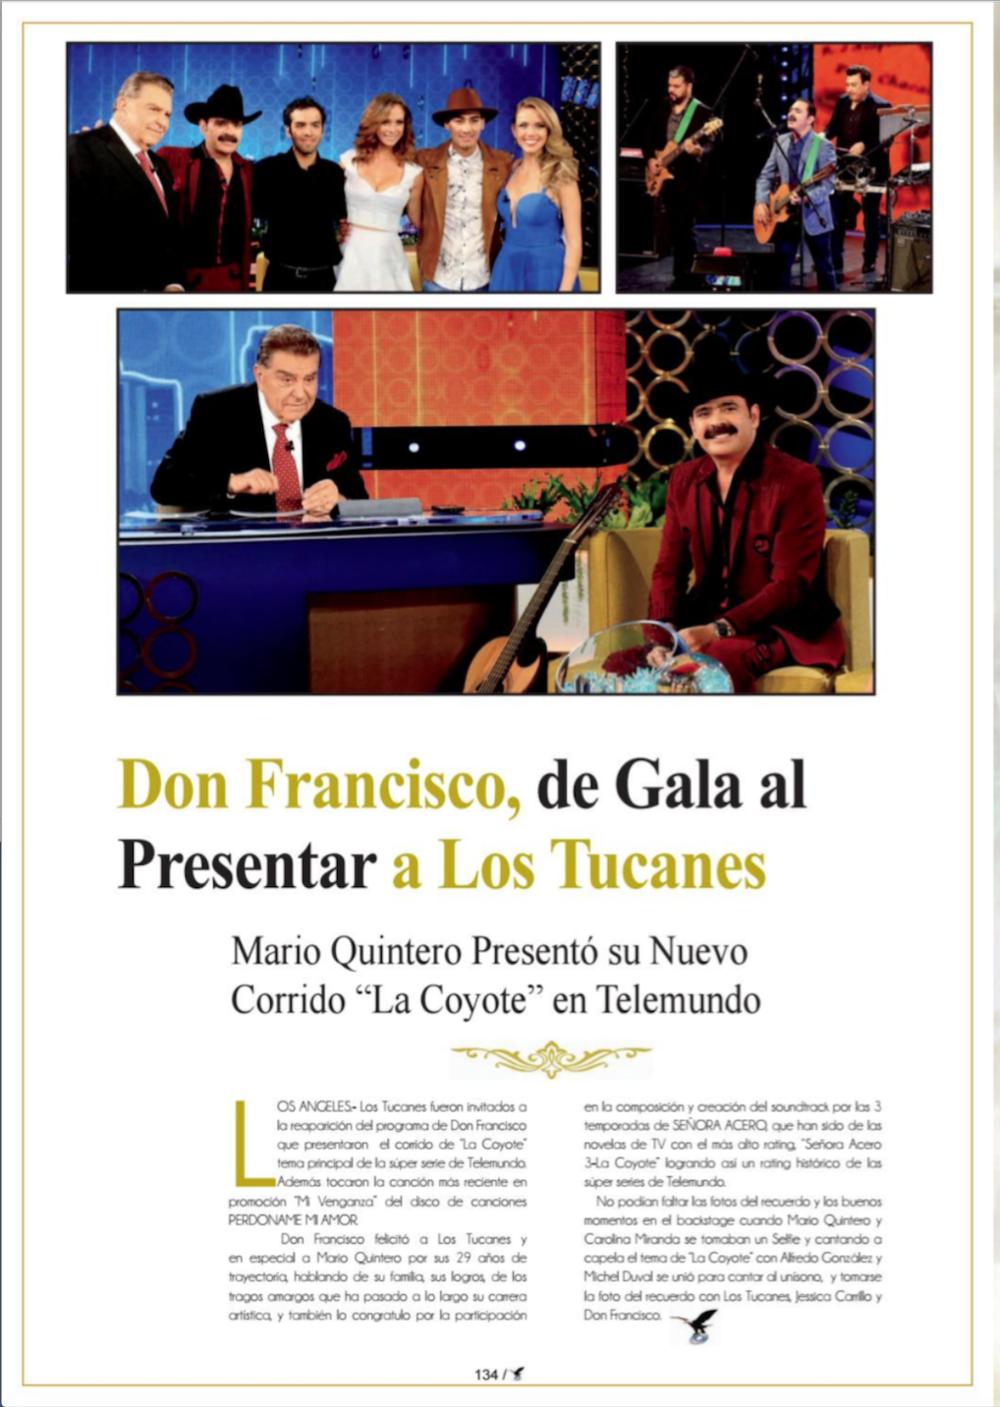 Triunfo-Don Franciasco-Mario Quintero.png